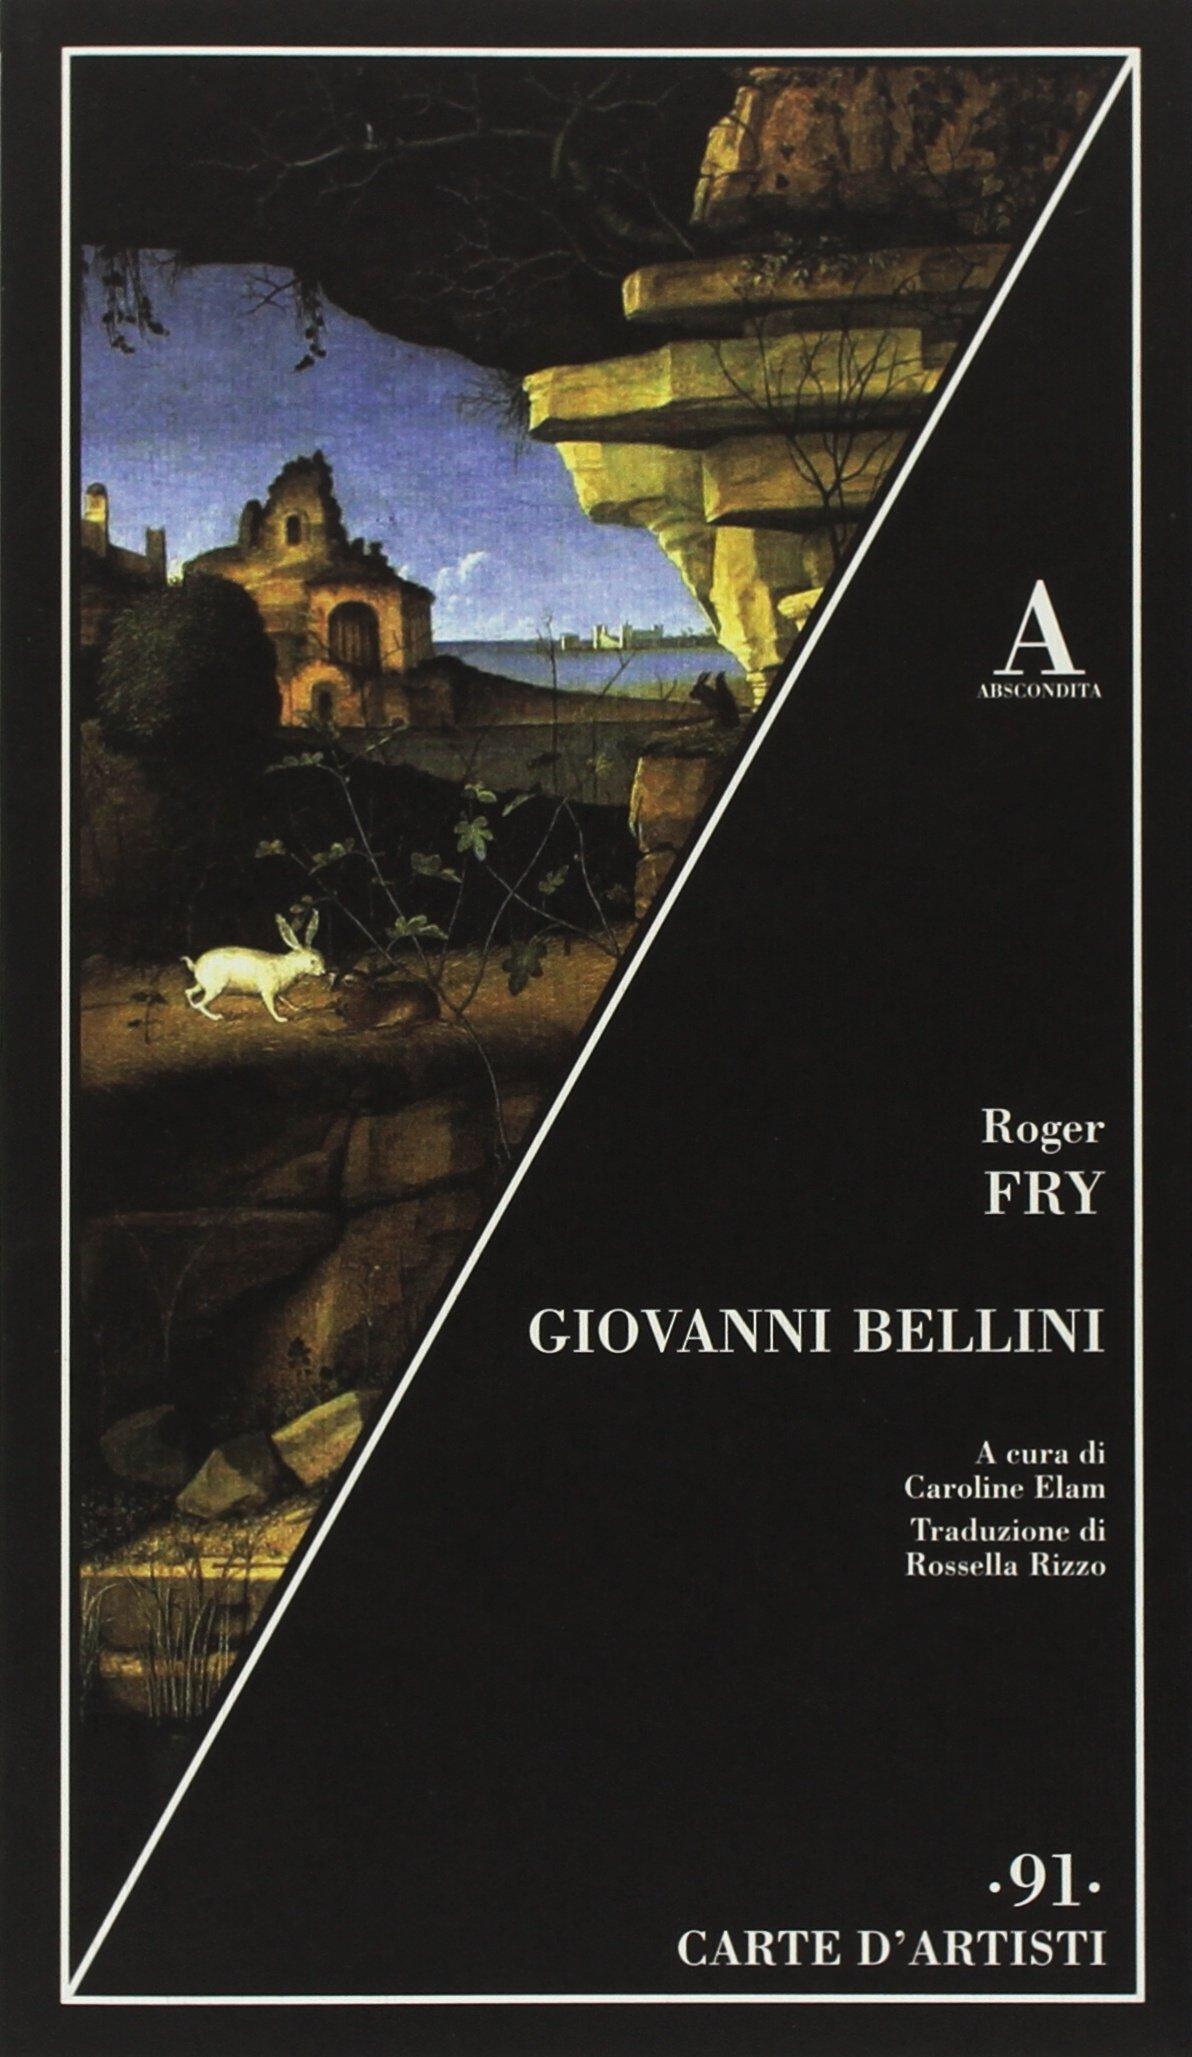 Giovanni Bellini: Amazon.it: Fry, Roger, Elam, C., Rizzo, R.: Libri